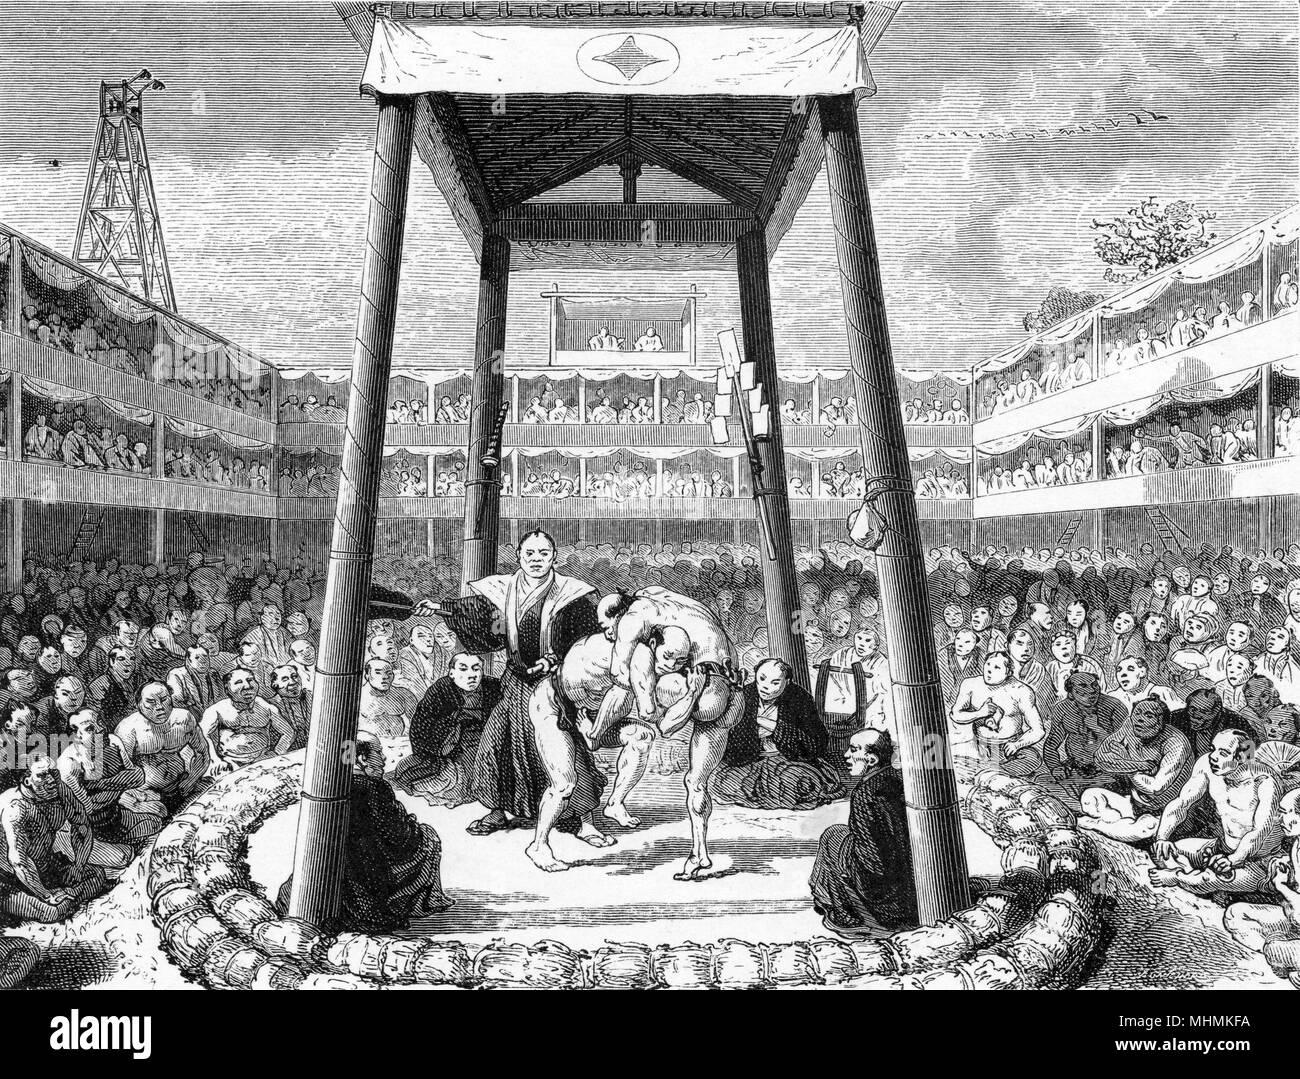 Una masnada di sumo wrestling è guardato da vicino da entrambi gli arbitri e una grande folla. Data: 1865 Immagini Stock